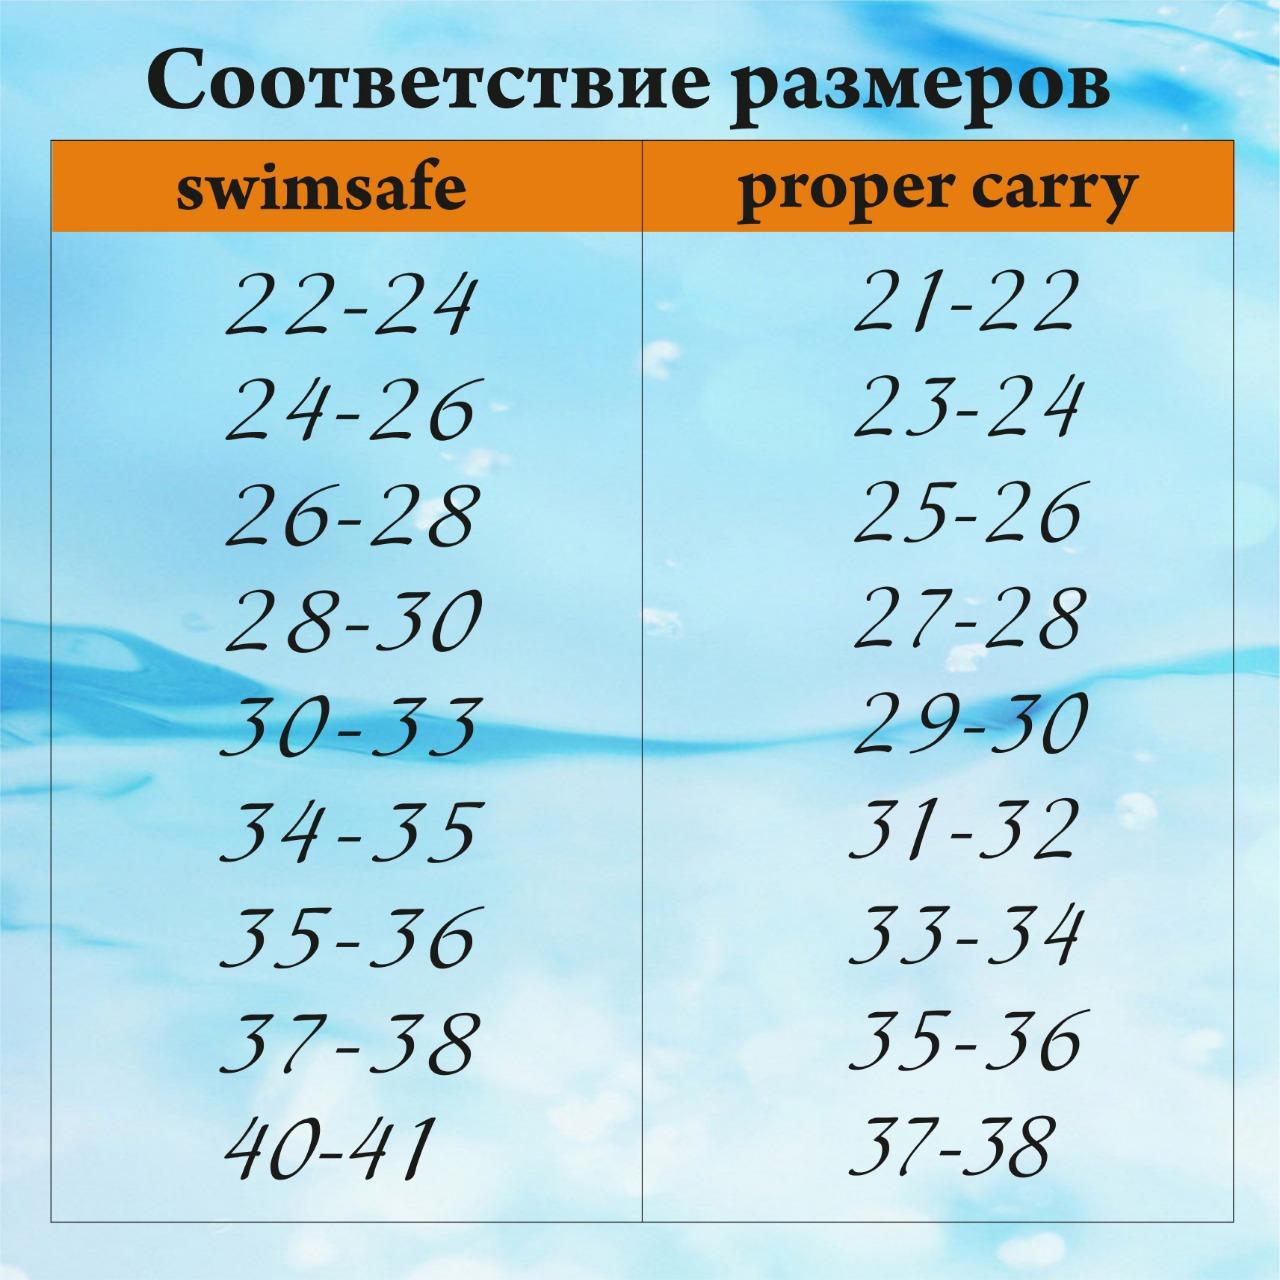 Детские ласты для плавания Proper Carry Super Elastic размер 21-22, 23-24, 25-26, 27-28, 29-30, - фото 8